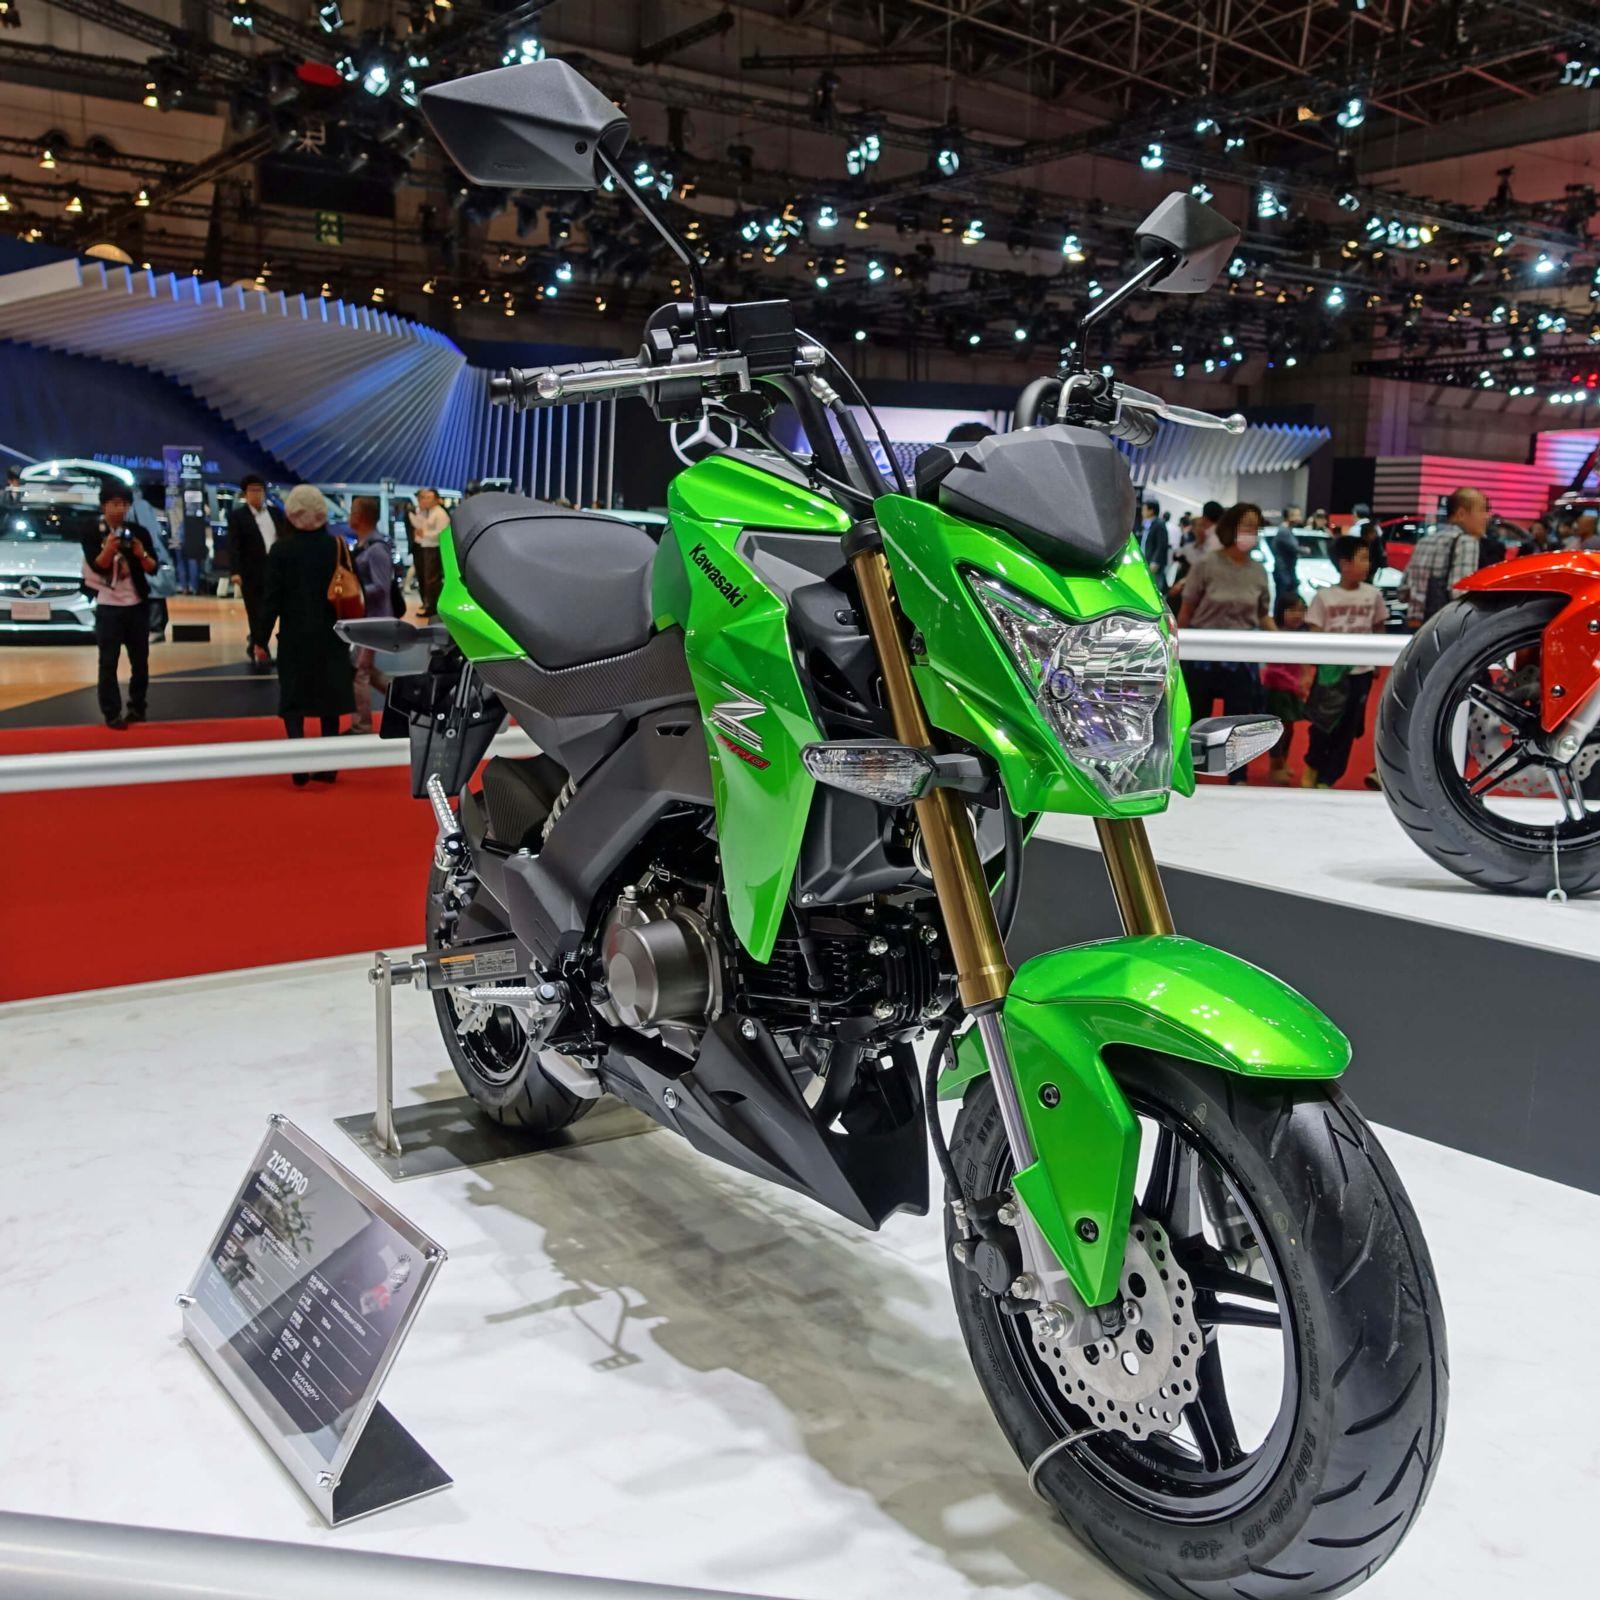 Green Kawasaki Z125 Pro motorycle